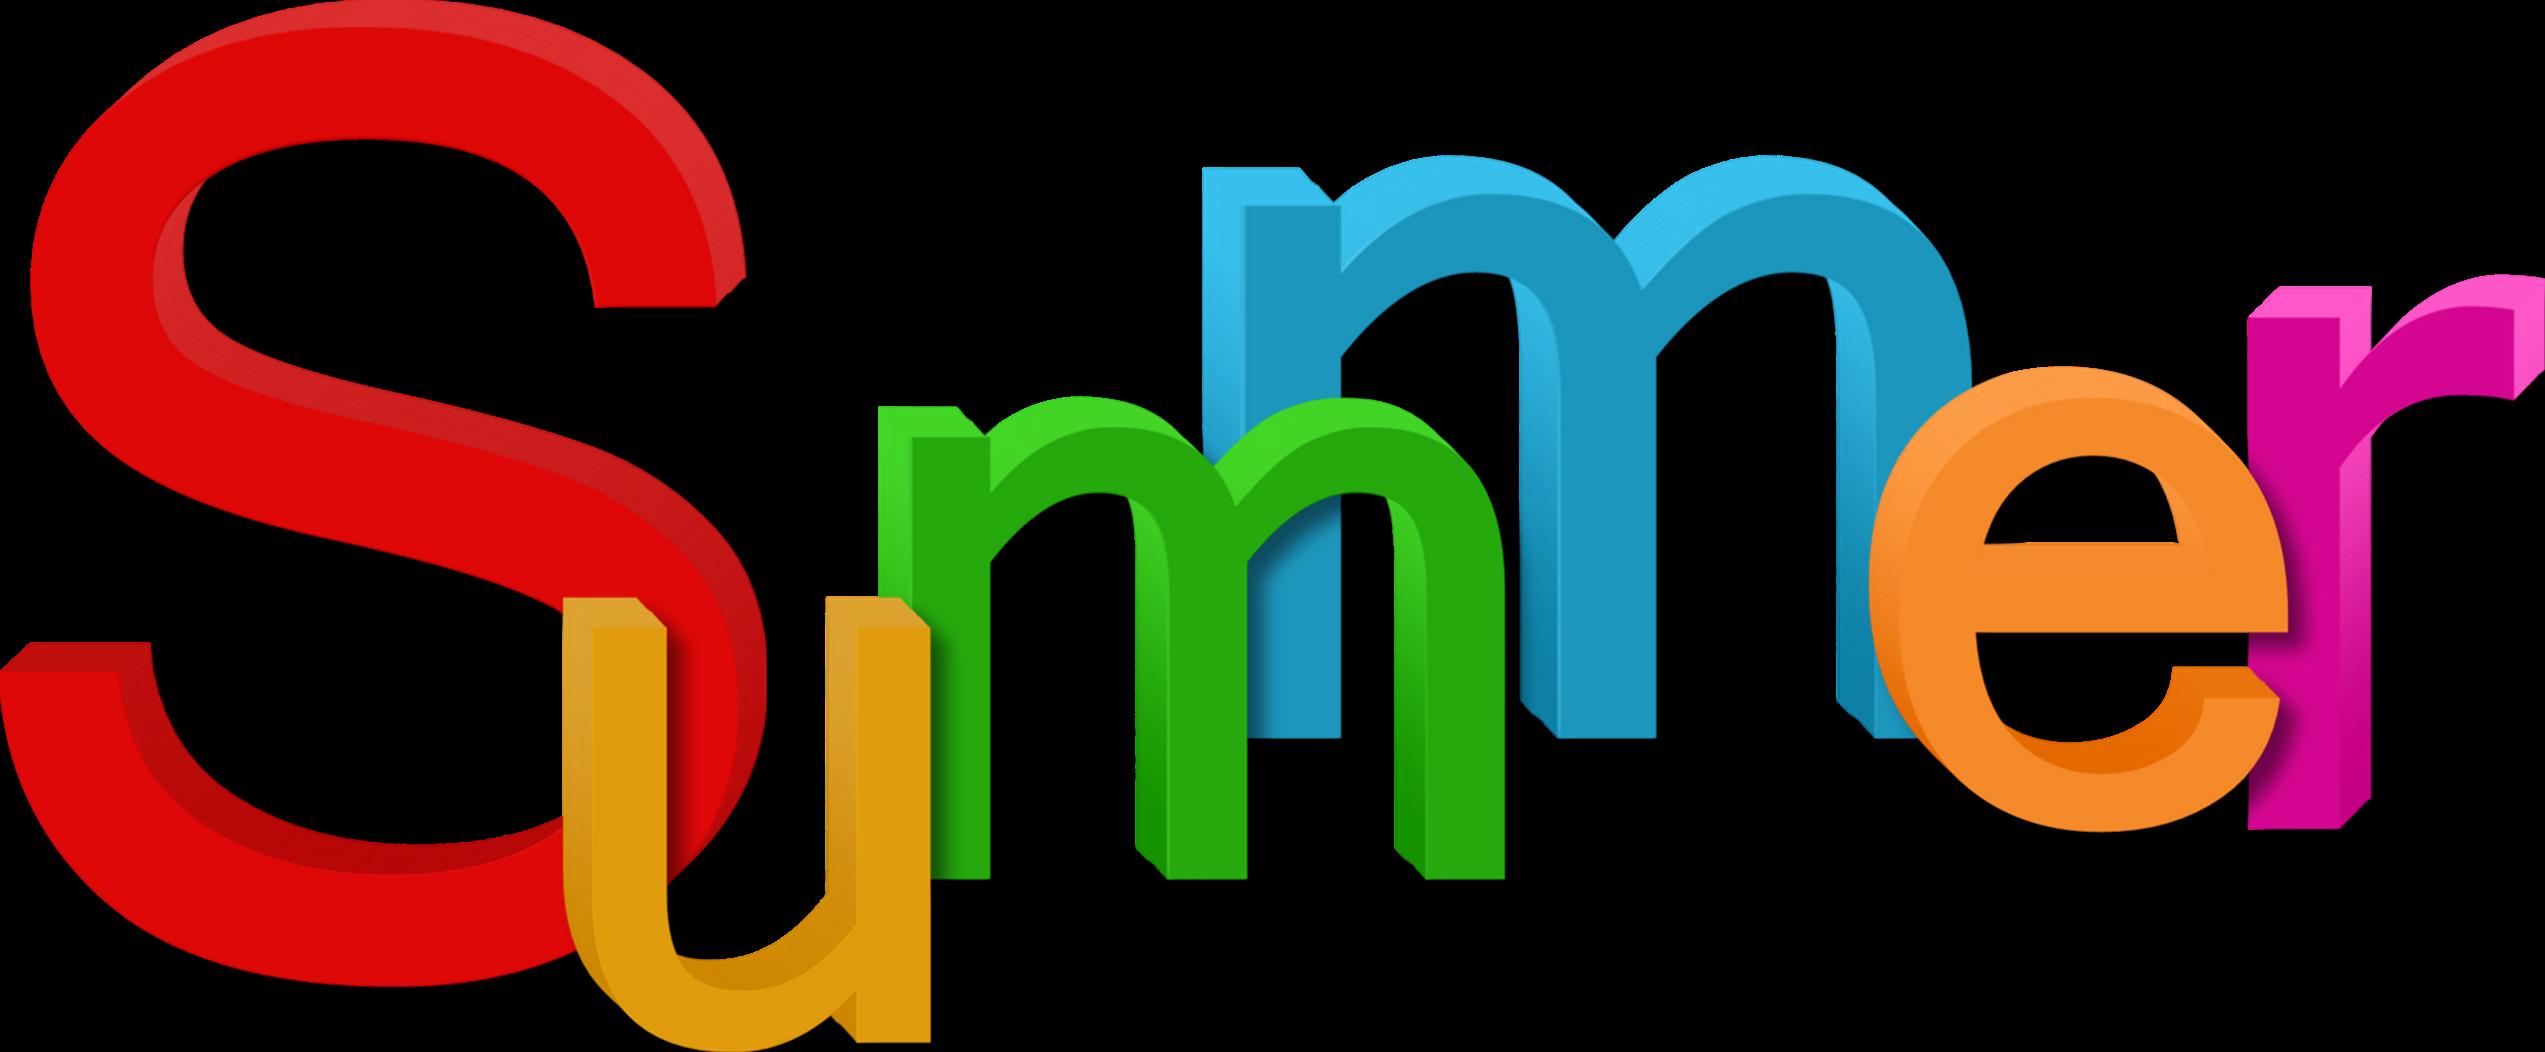 Summer Camp Png Image 41192 Summer Logo Vimeo Logo Logos